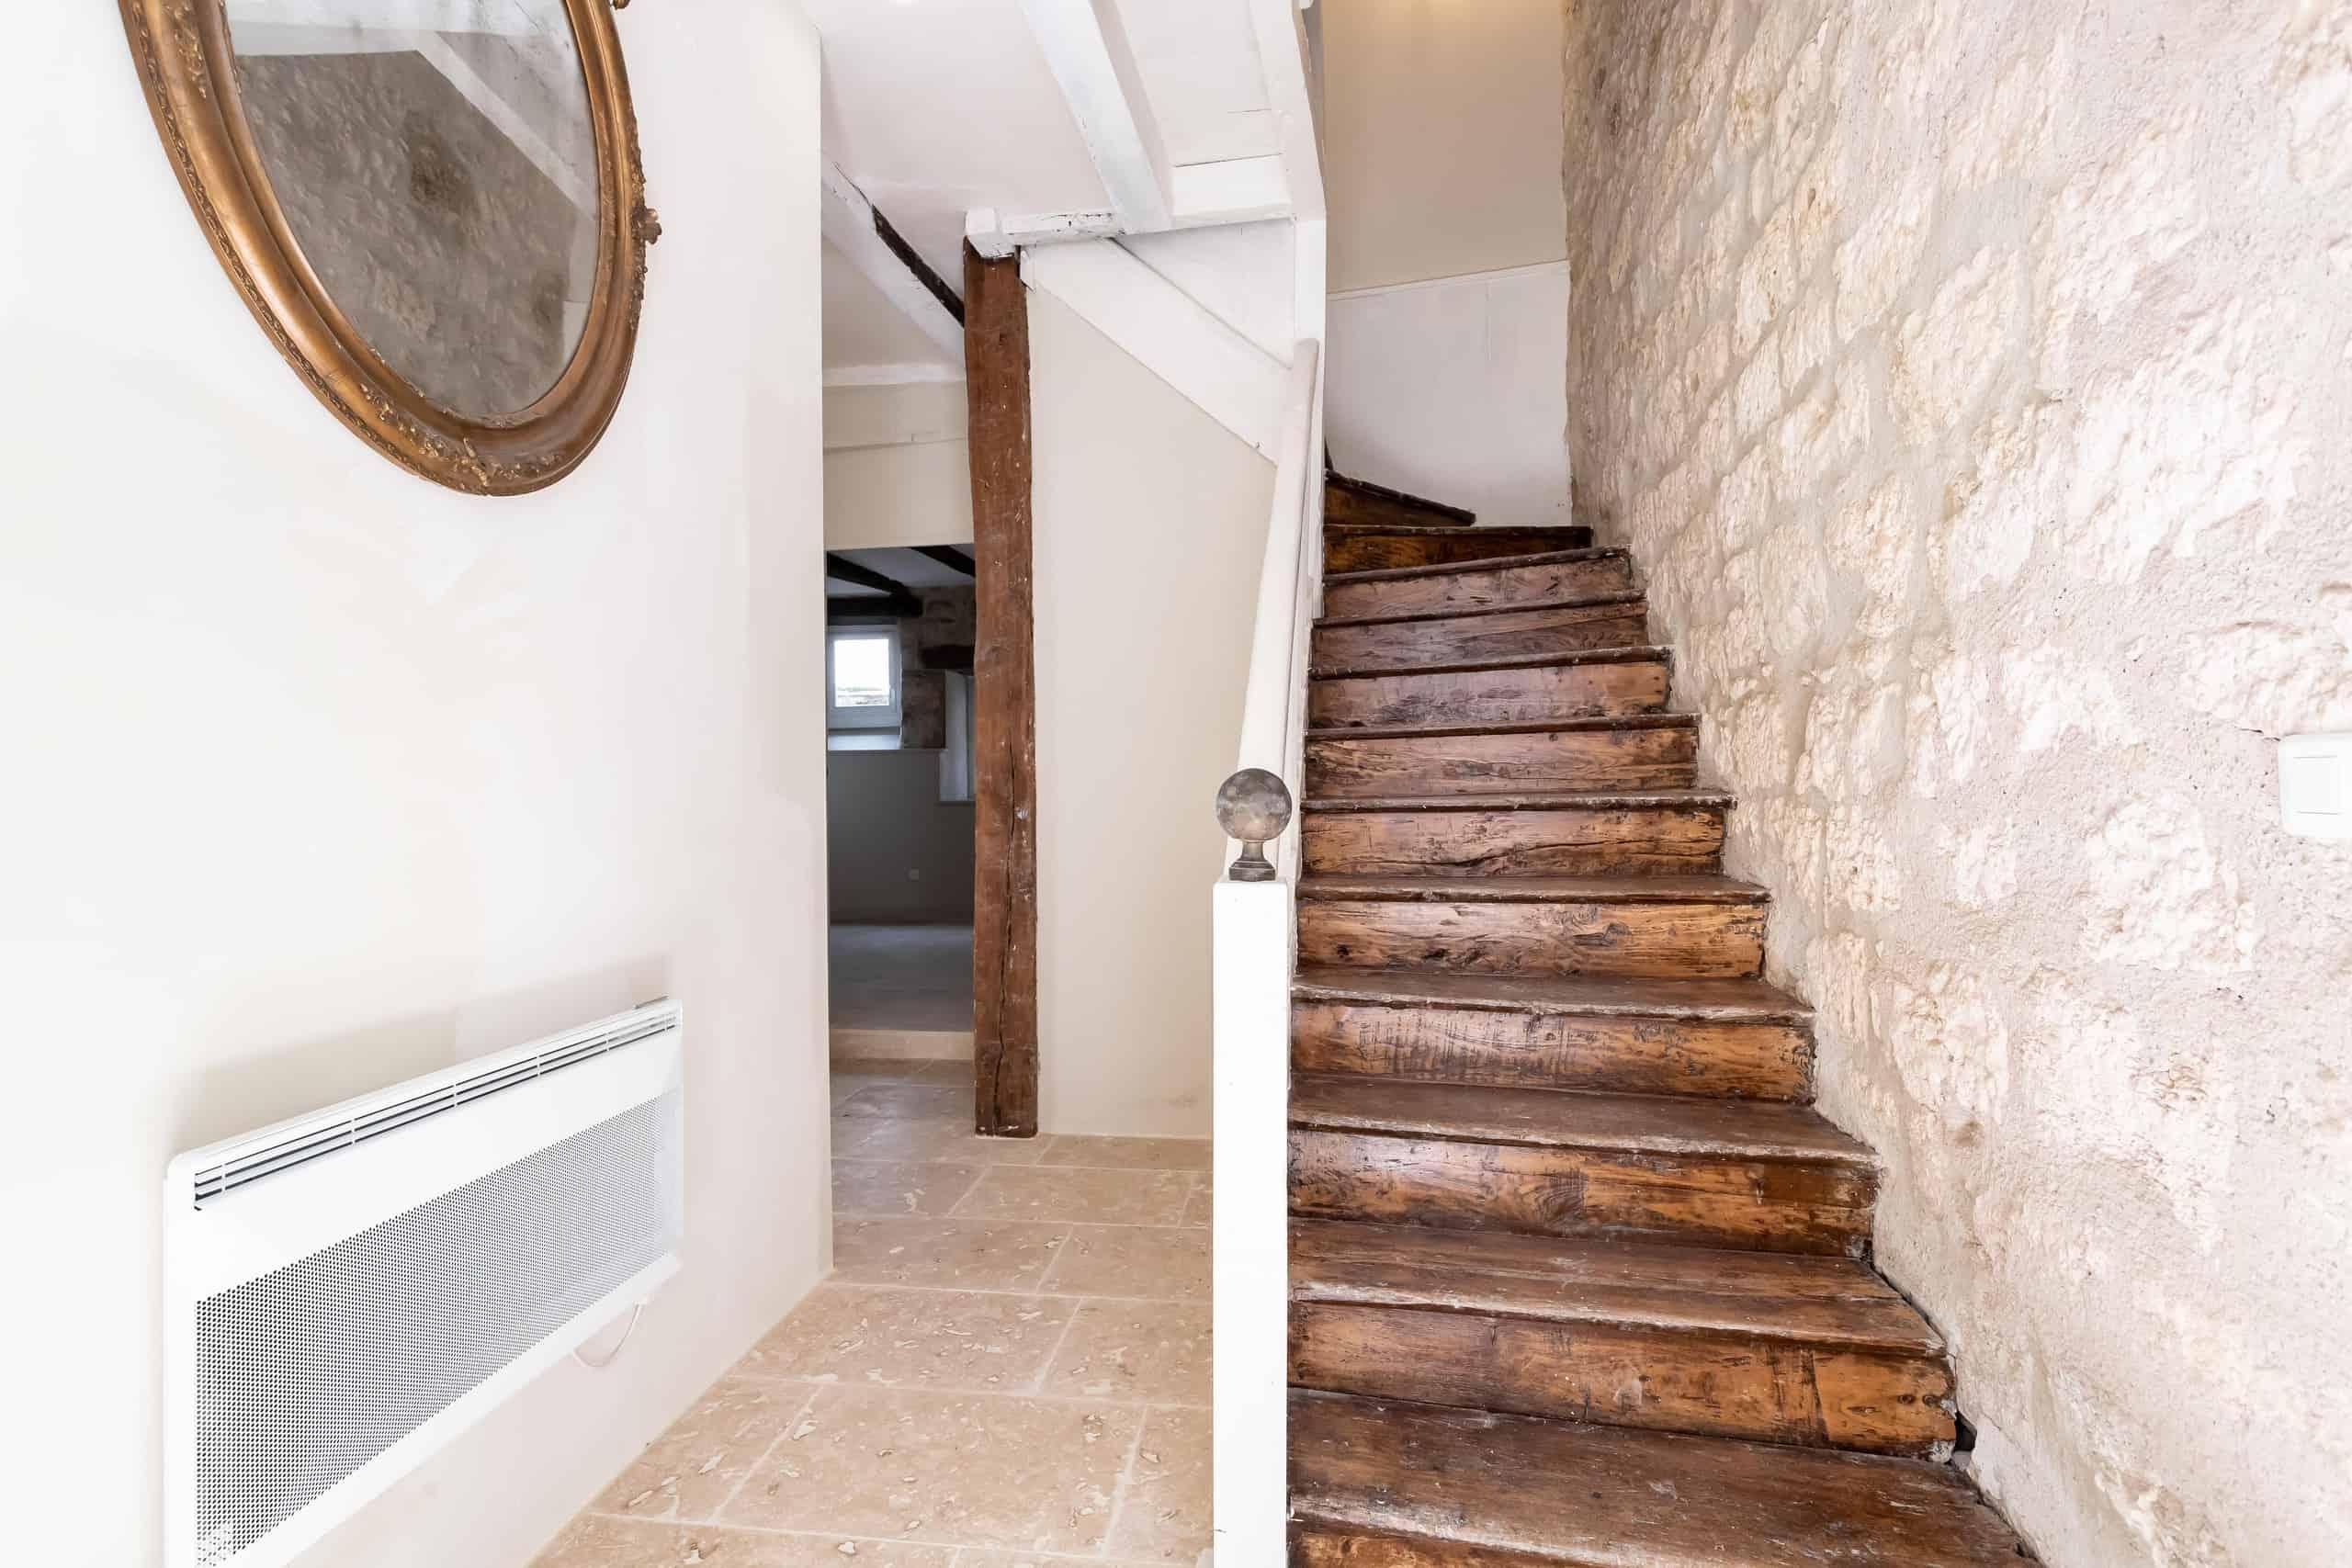 Escalier-WMC089